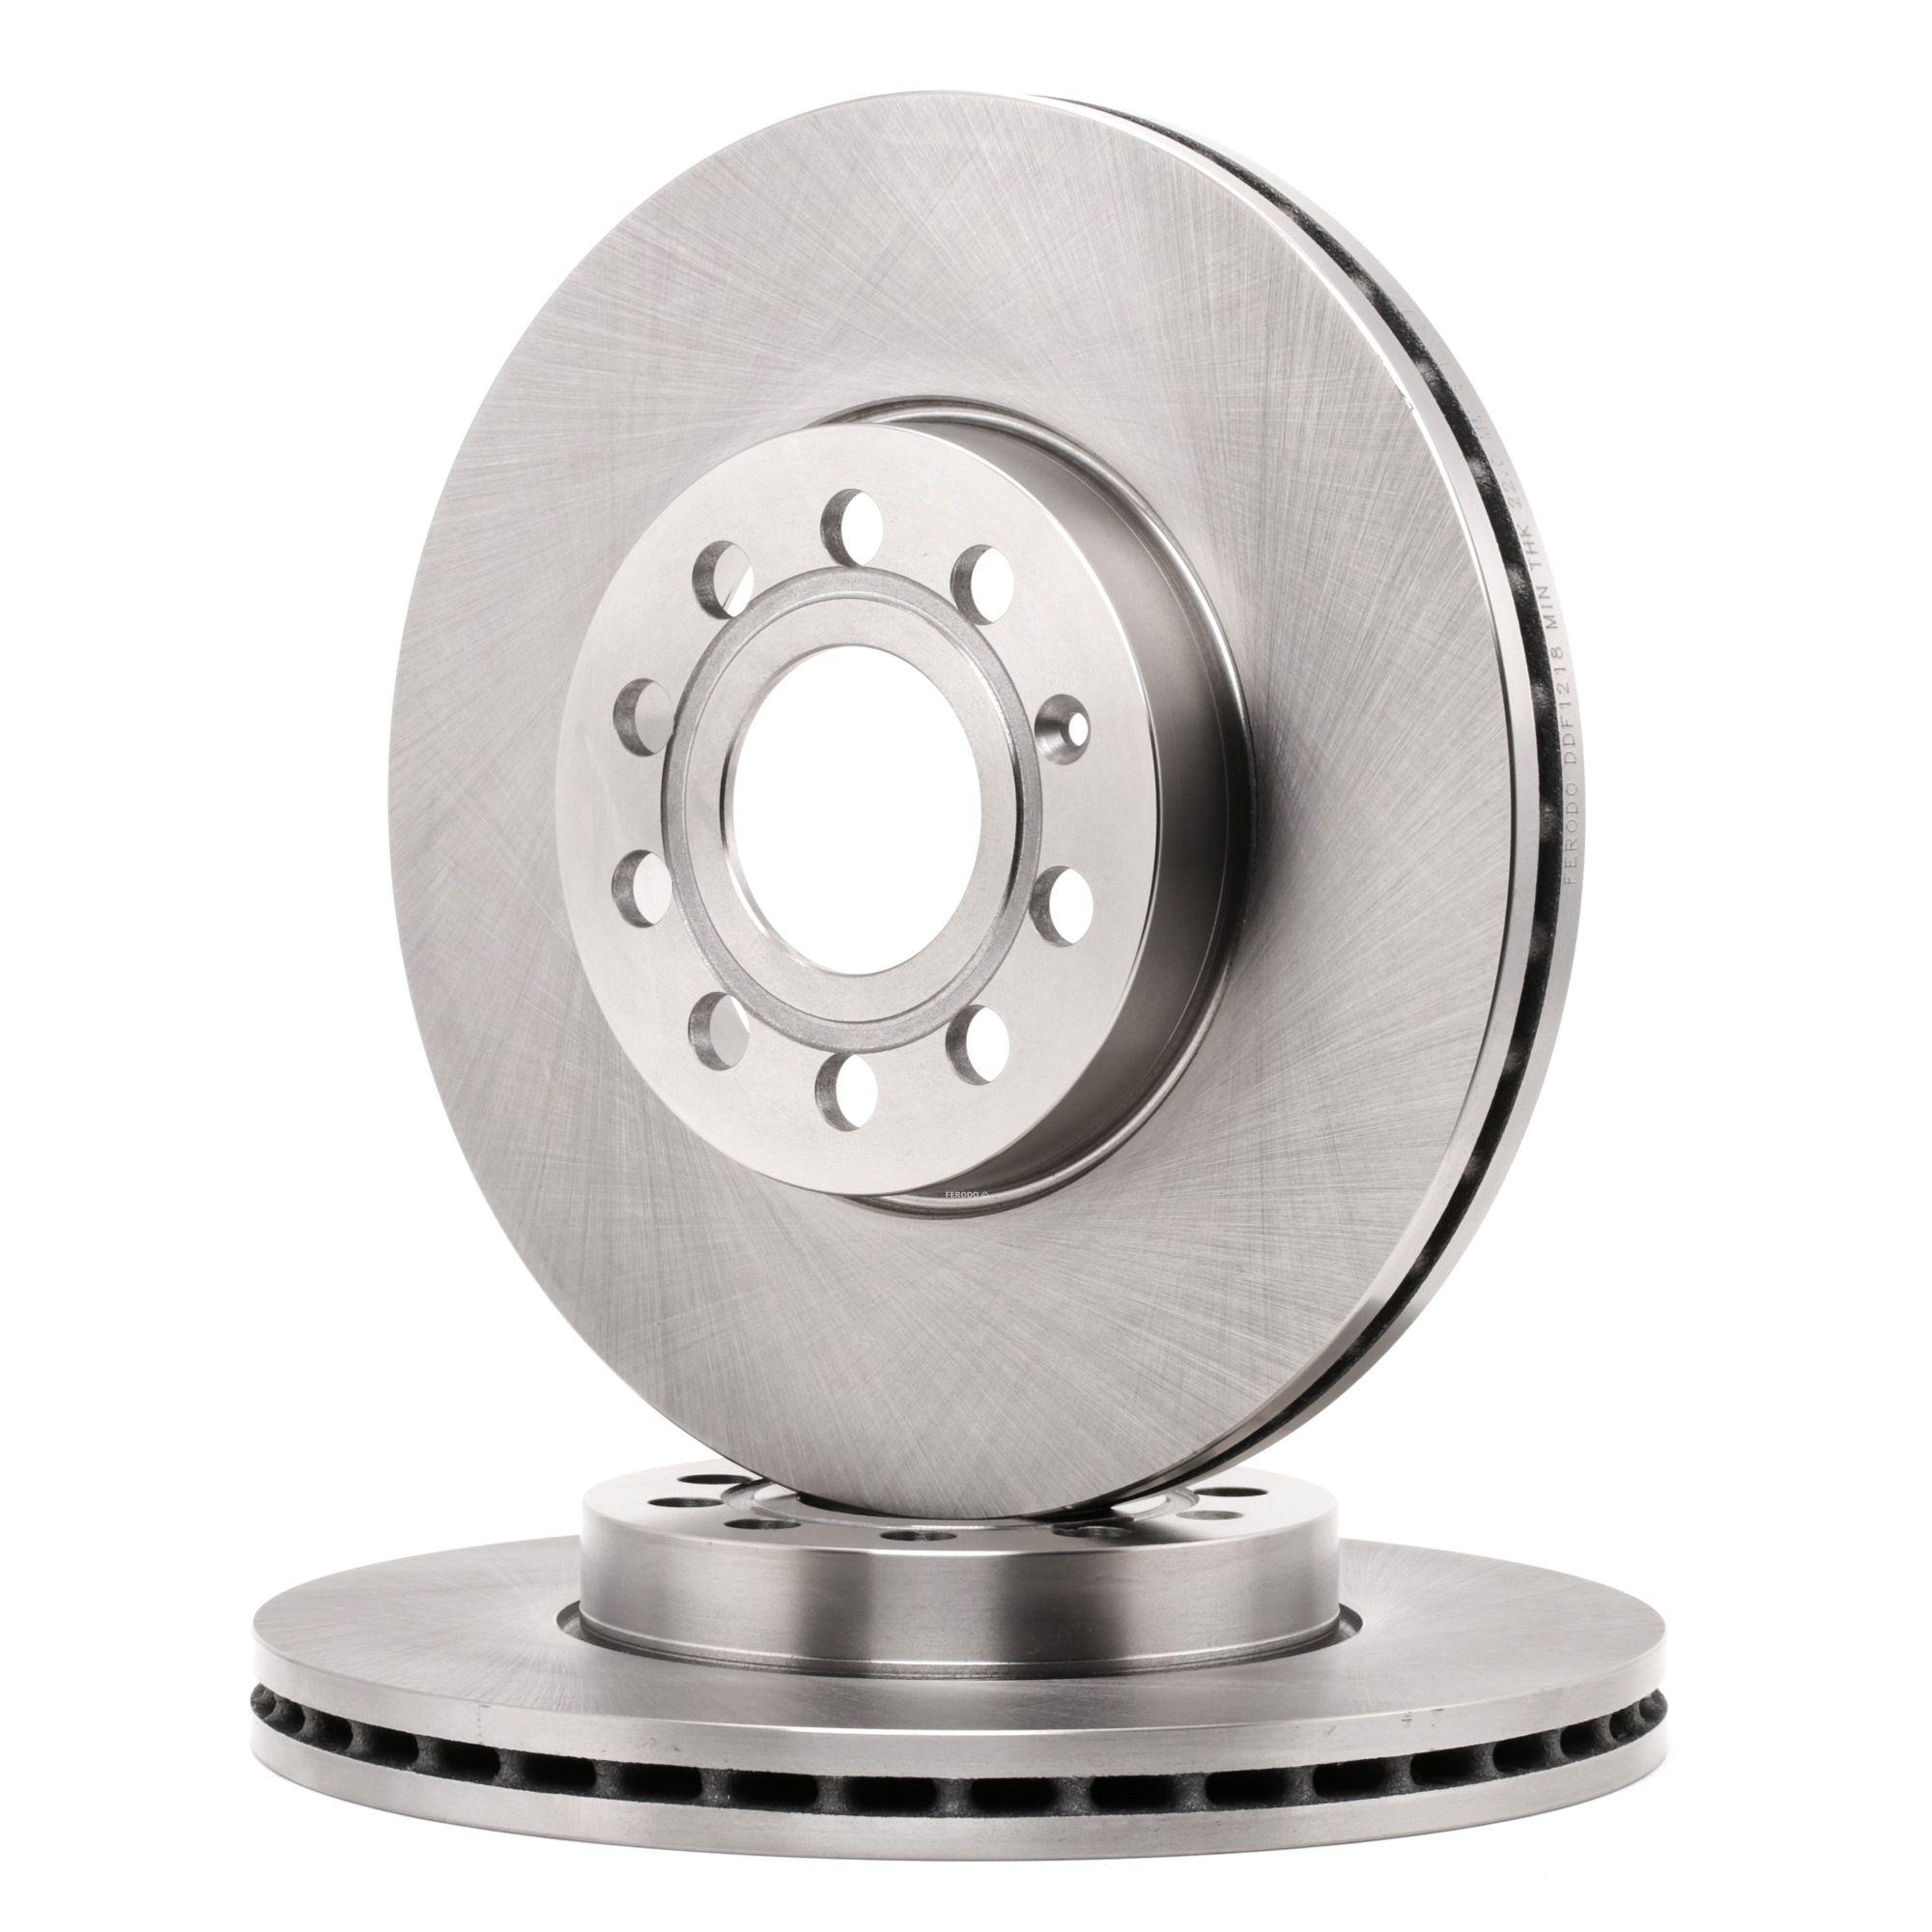 Achetez Disques de frein FERODO DDF1218 (Ø: 288mm, Nbre de trous: 5, Épaisseur du disque de frein: 25mm) à un rapport qualité-prix exceptionnel